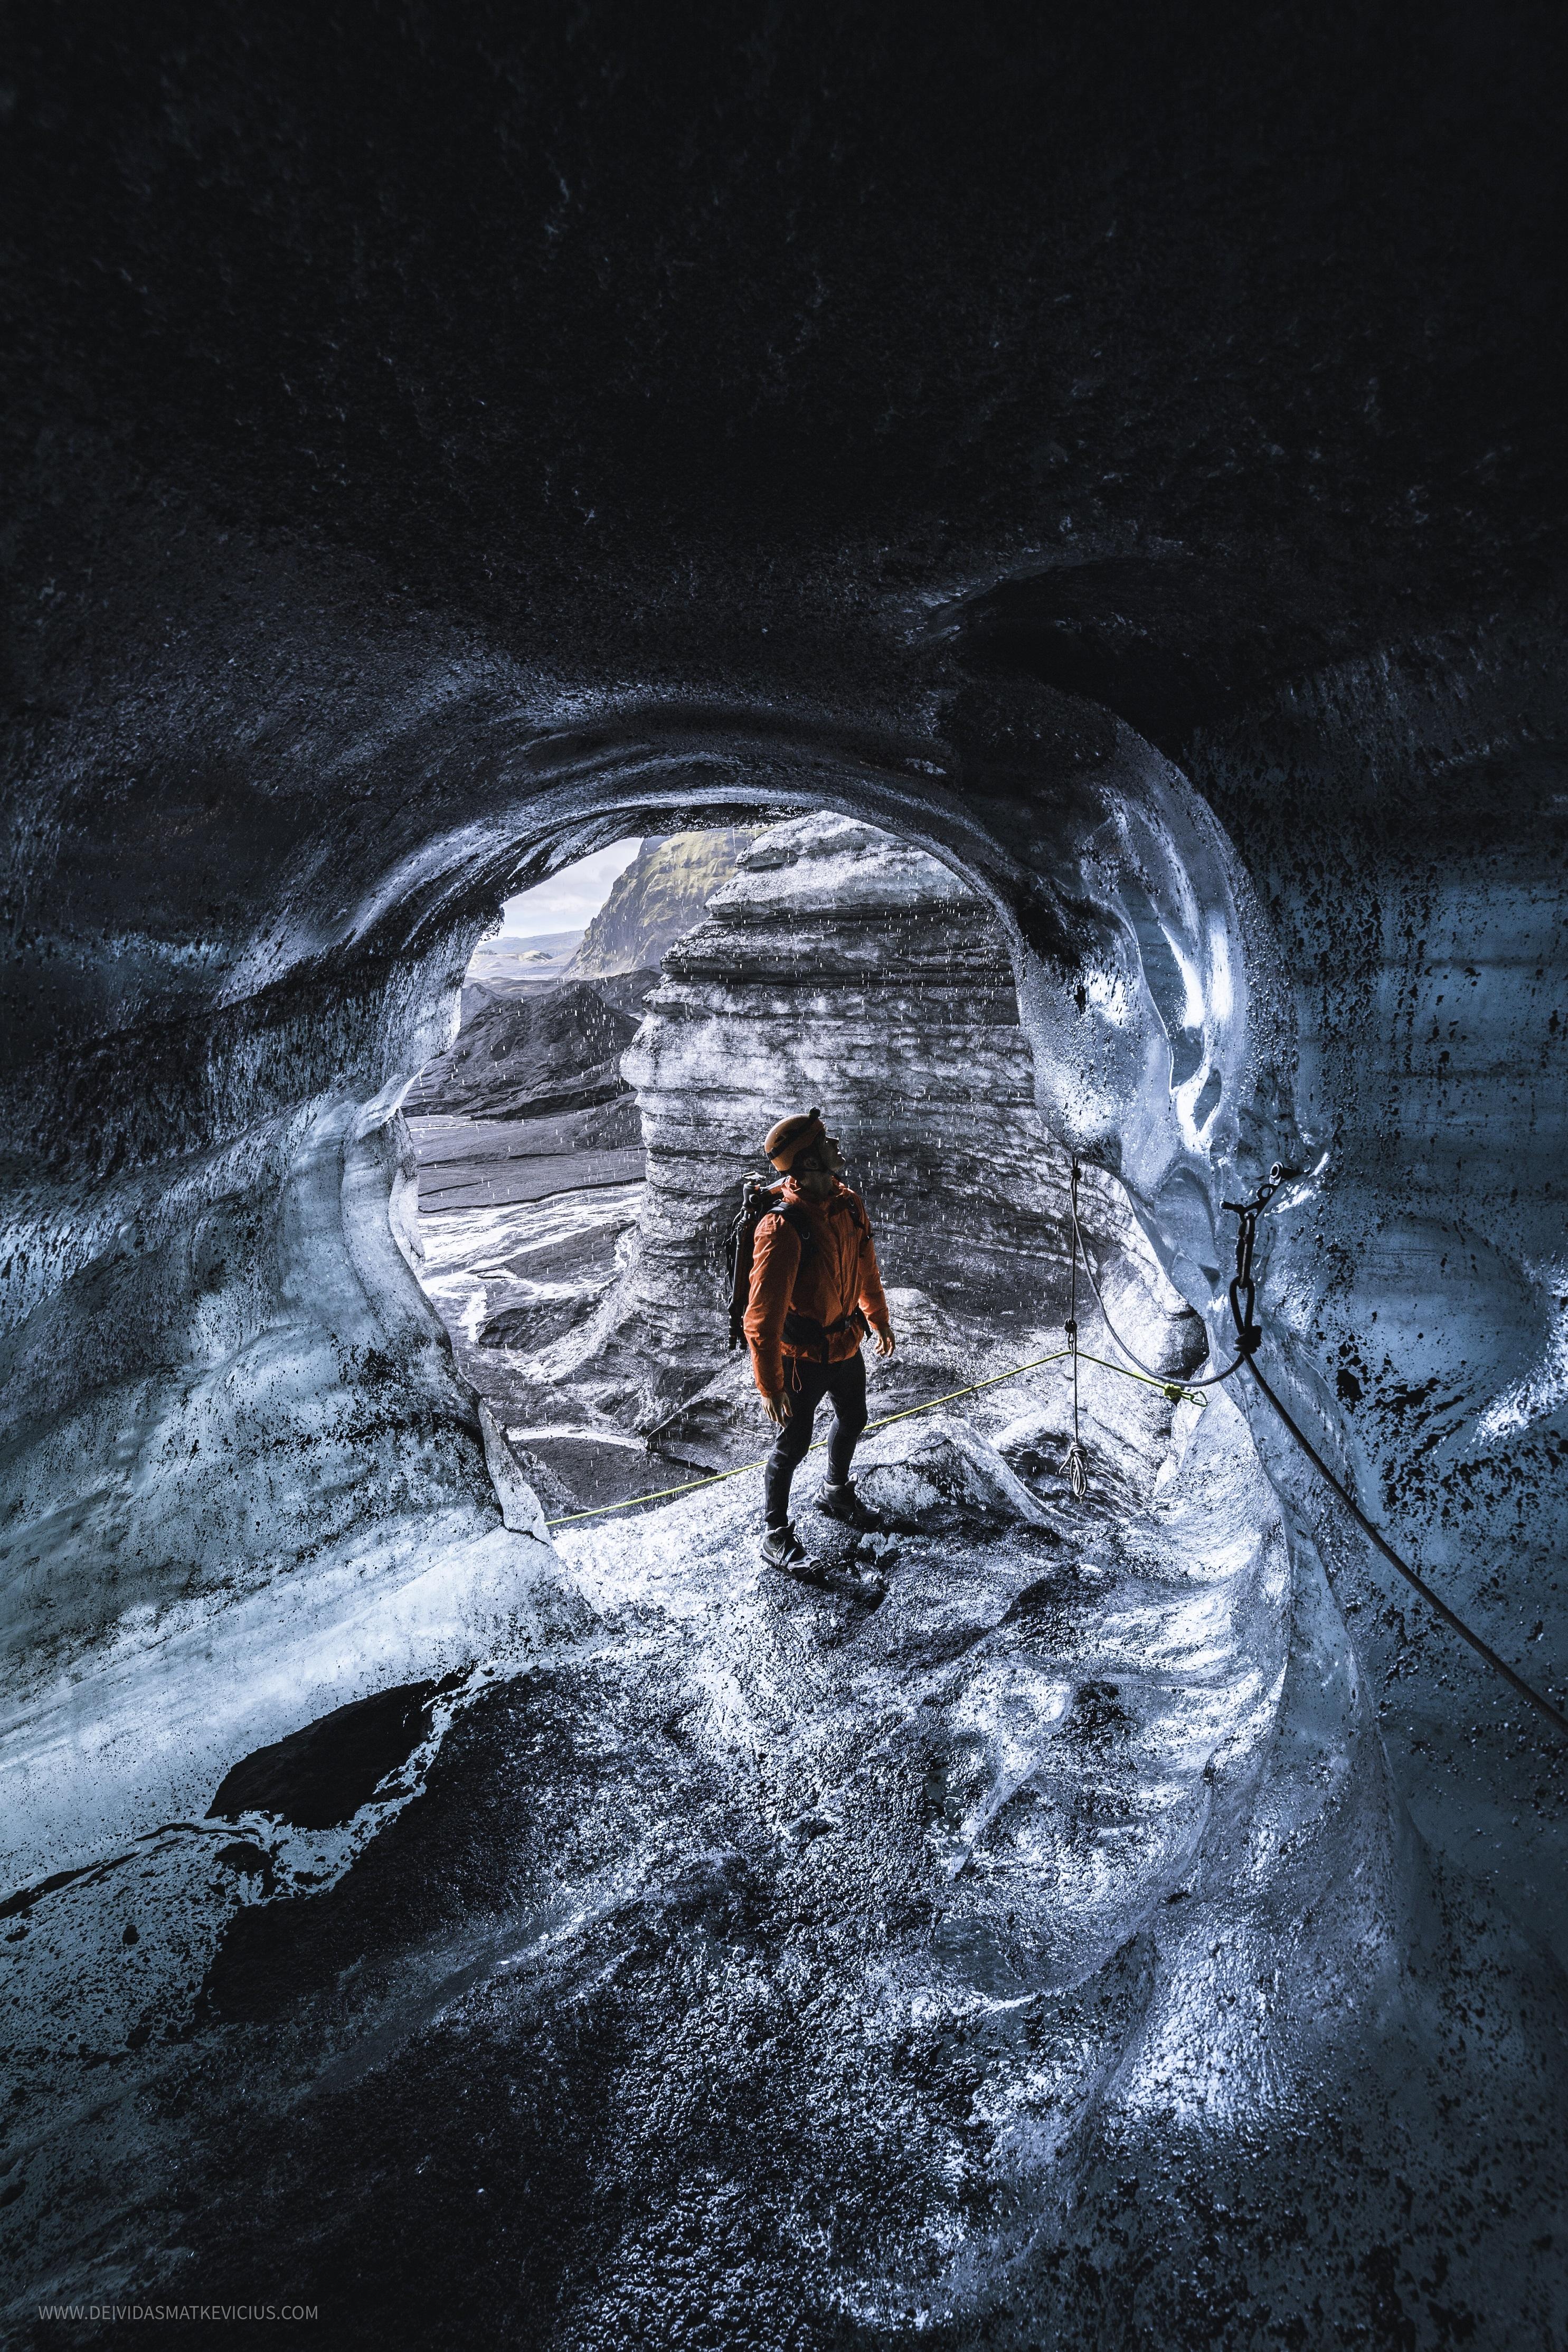 แพ็กเกจทัวร์ถ้ำน้ำแข็งที่คัทลา | ออกเดินทางจากหมู่บ้านวิก